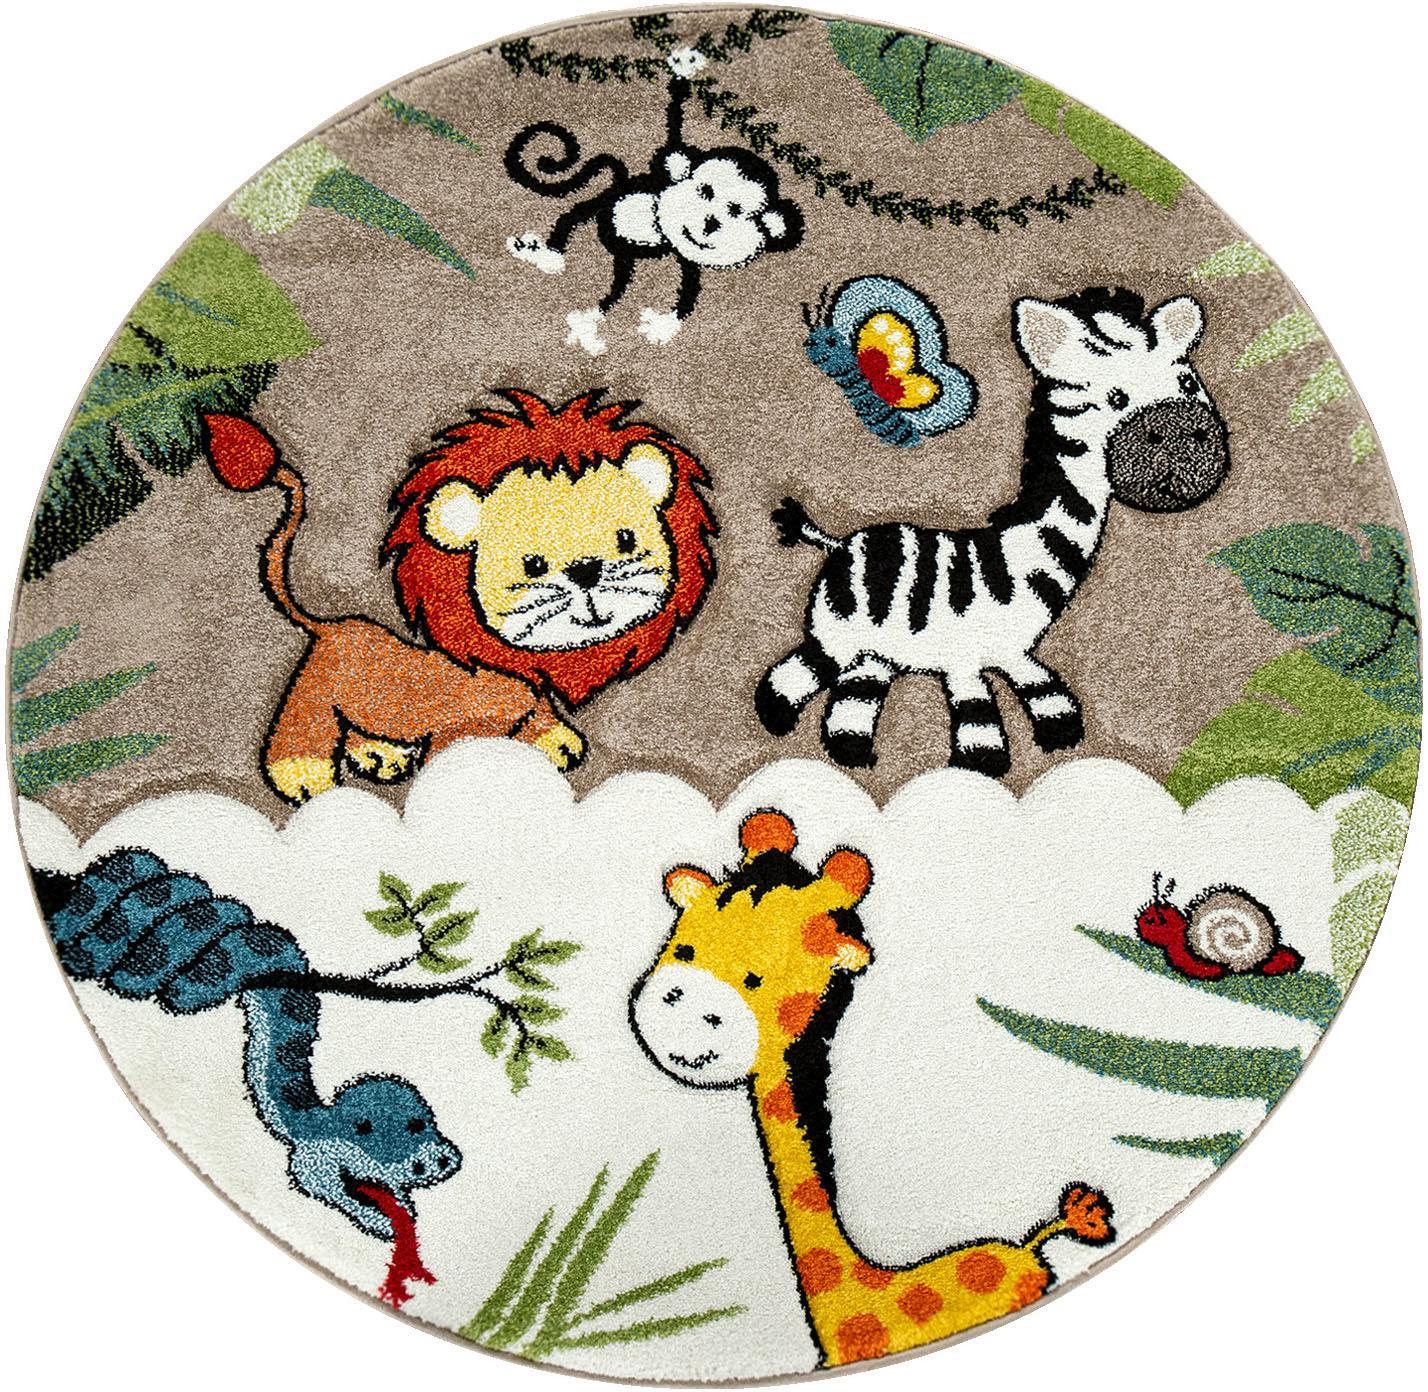 Paco Home Kinderteppich Diamond 644, rund, 18 mm Höhe, Kurzflor, 3D-Design Dschungel Tiere, Kinderzimmer beige Kinder Bunte Kinderteppiche Teppiche